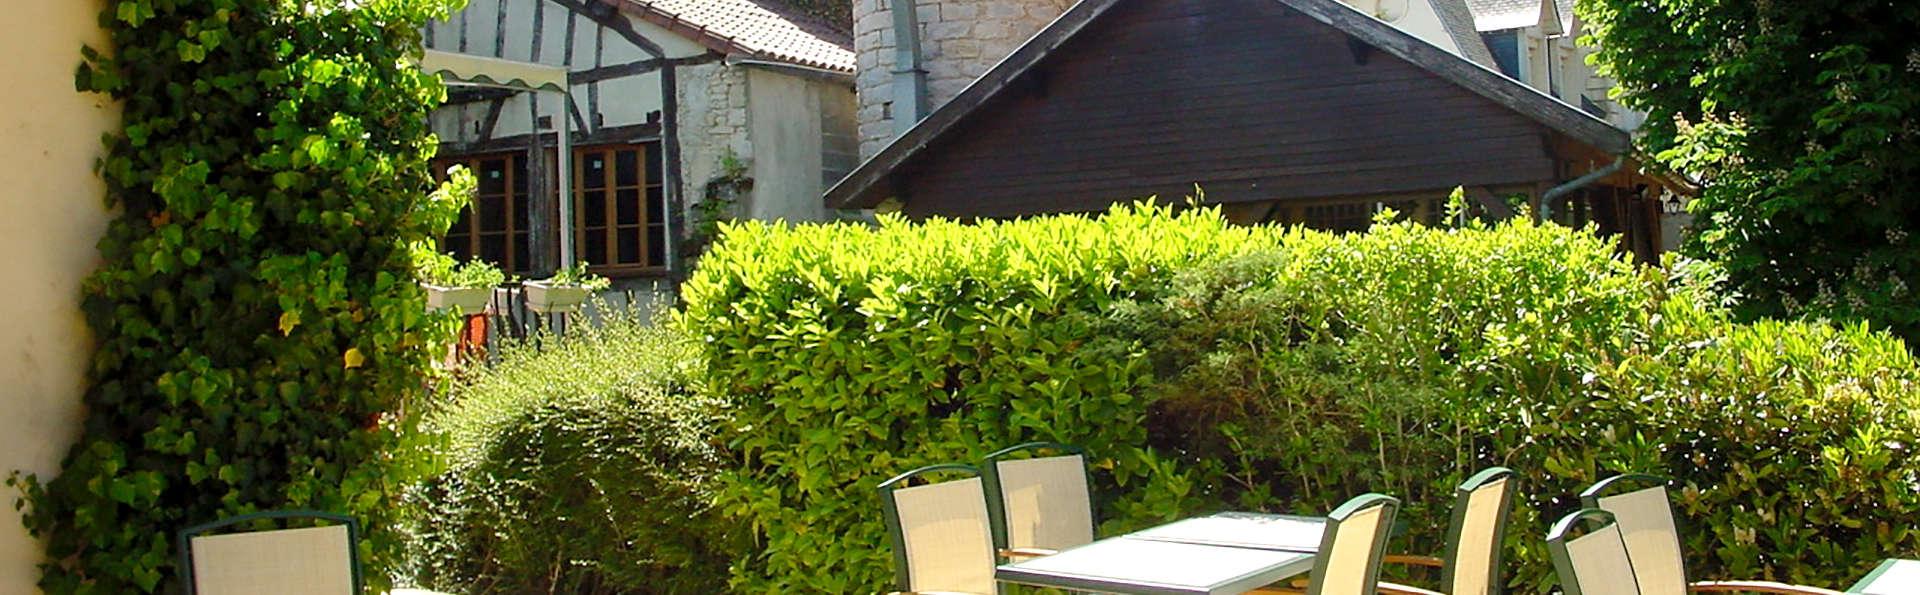 Le Moulin du Landion Hôtel and Spa - Edit_Terrace2.jpg